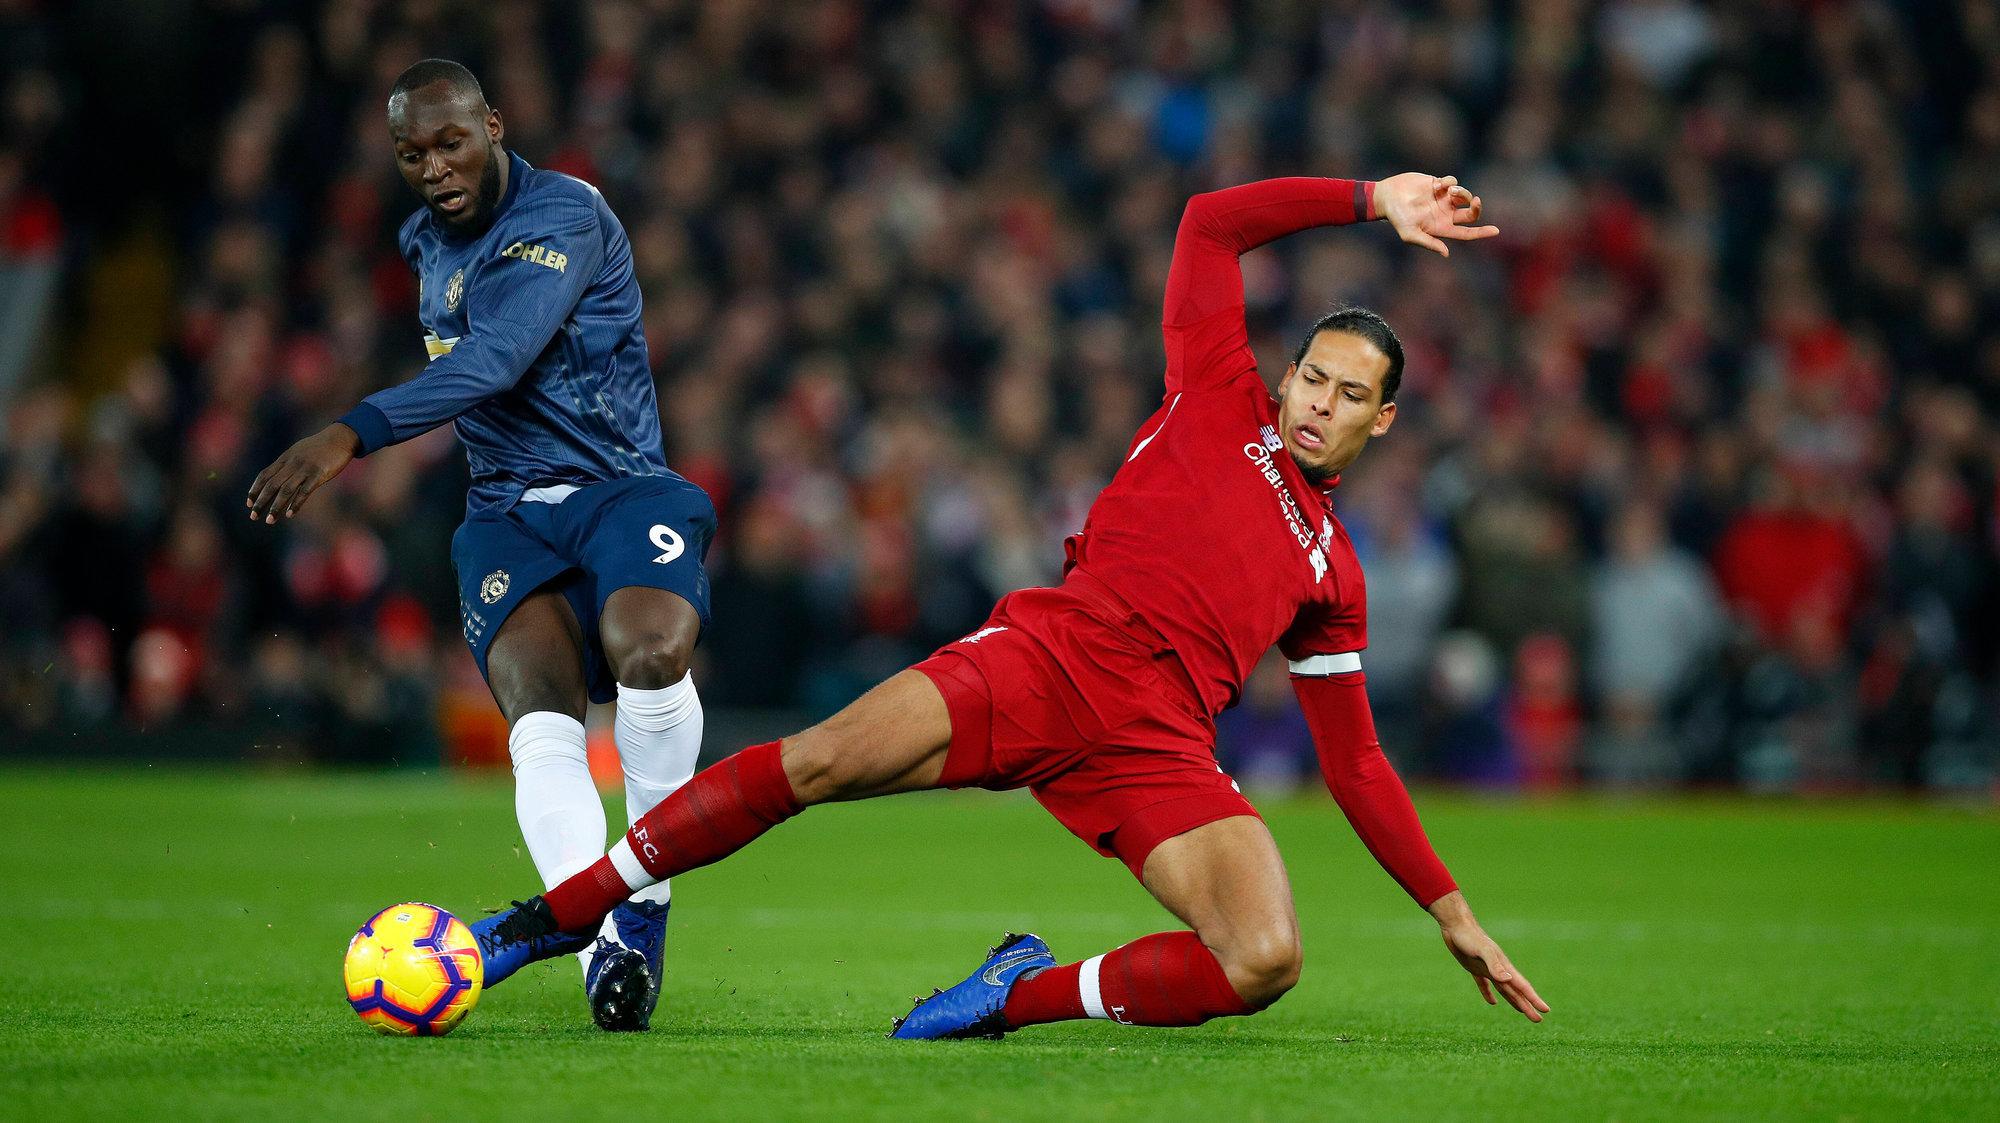 Манчестер юнайтед ливерпуль гол бентеке